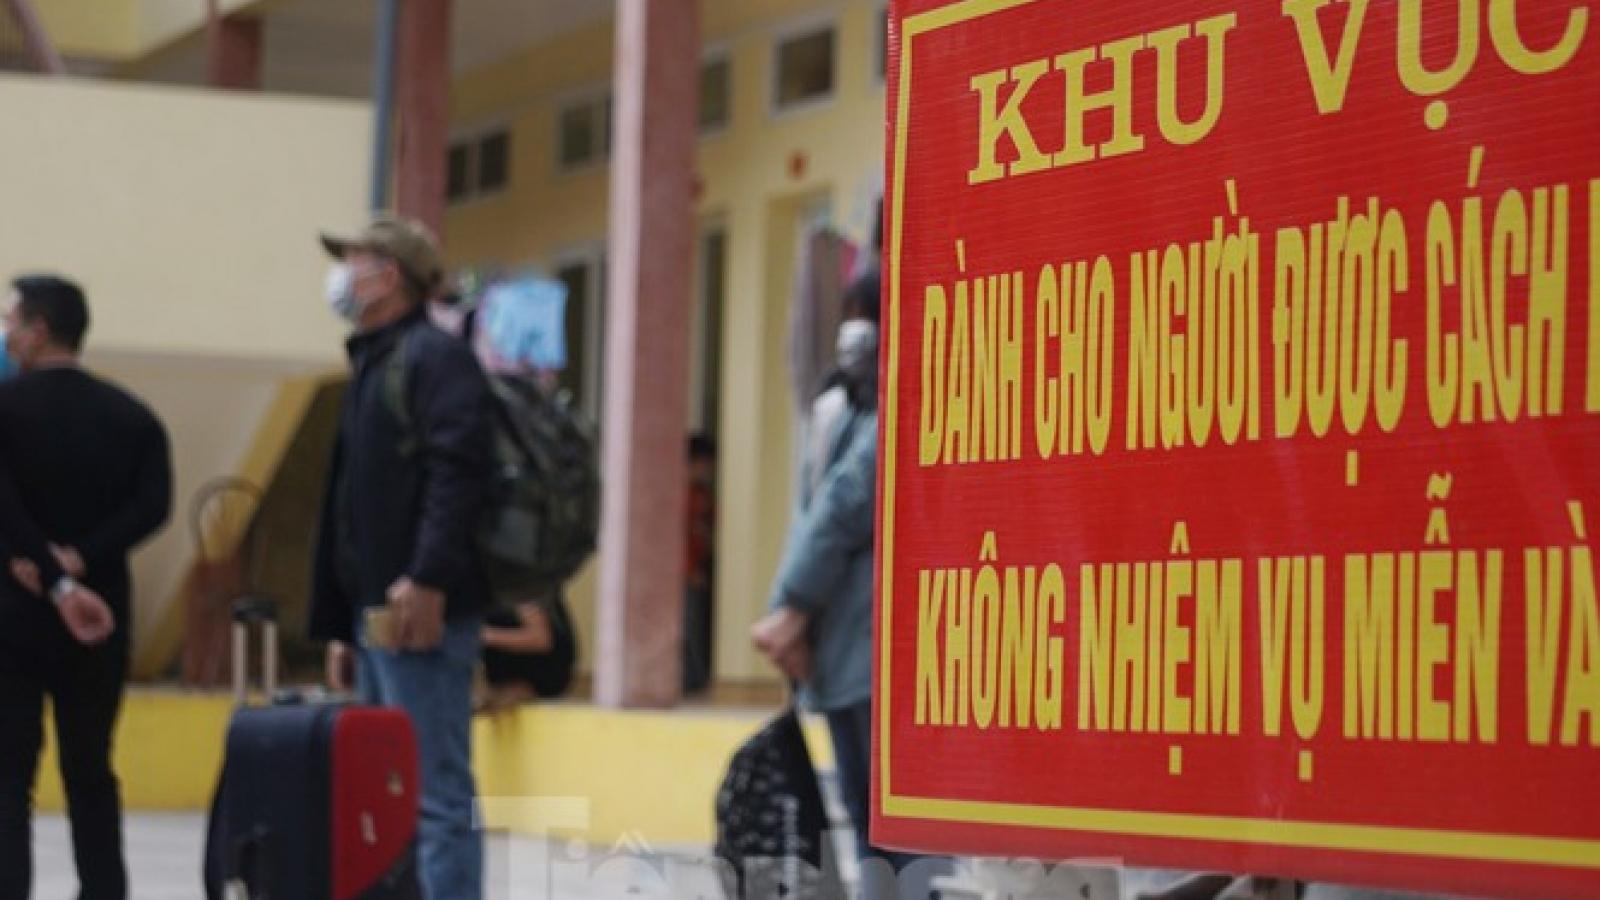 5 người ở TP Hải Dương trốn cách ly bị xử phạt gần 38 triệu đồng